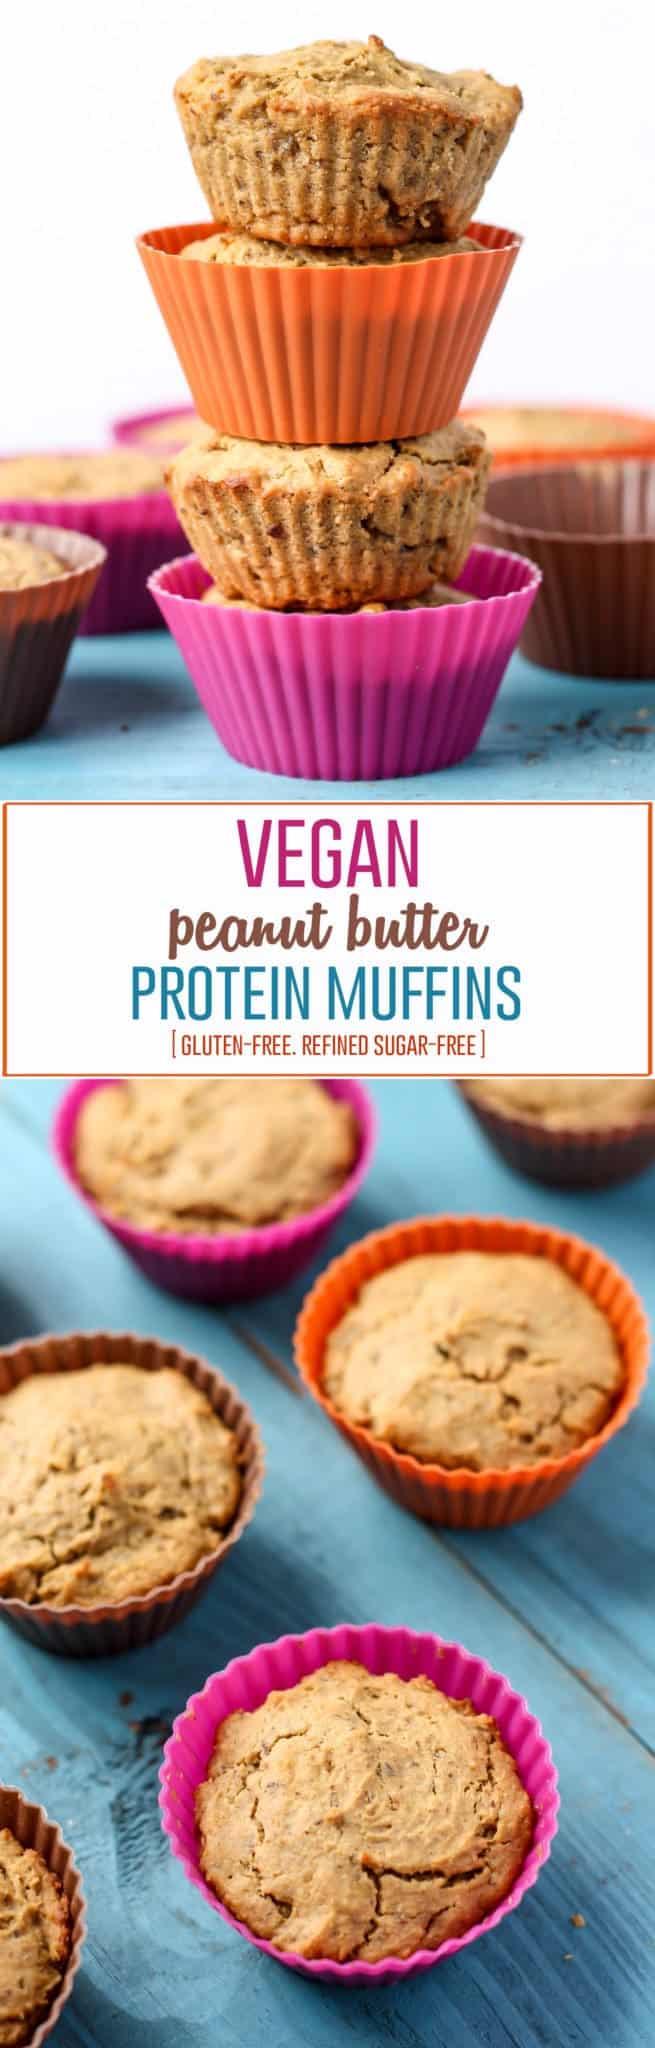 Vegan Peanut Butter Protein Muffins [gluten-free] • Fit ...